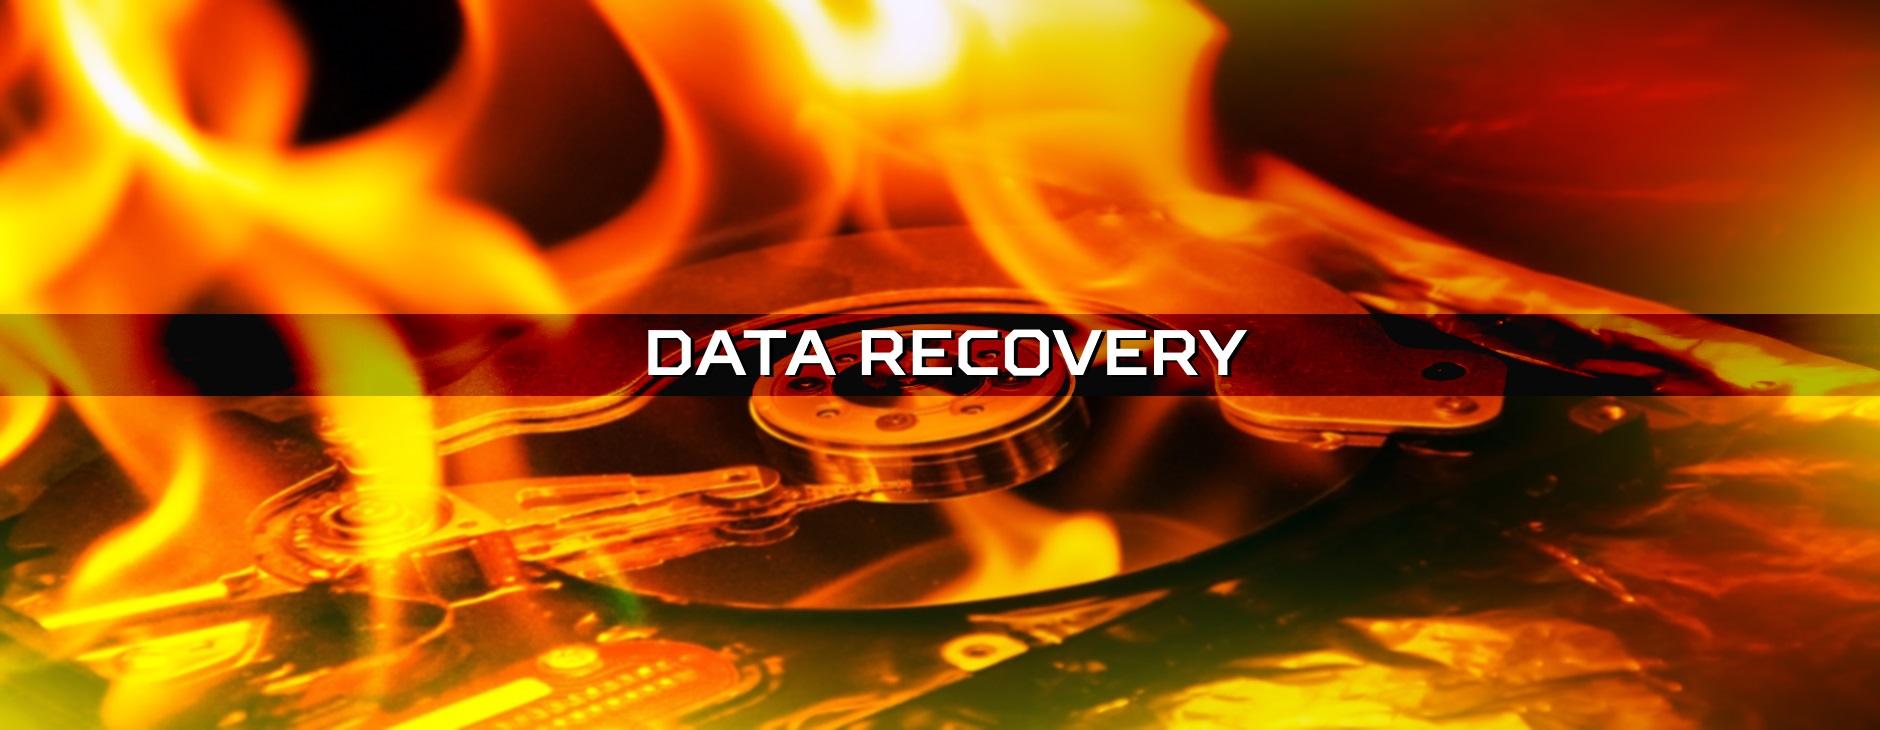 Data-2.jpg